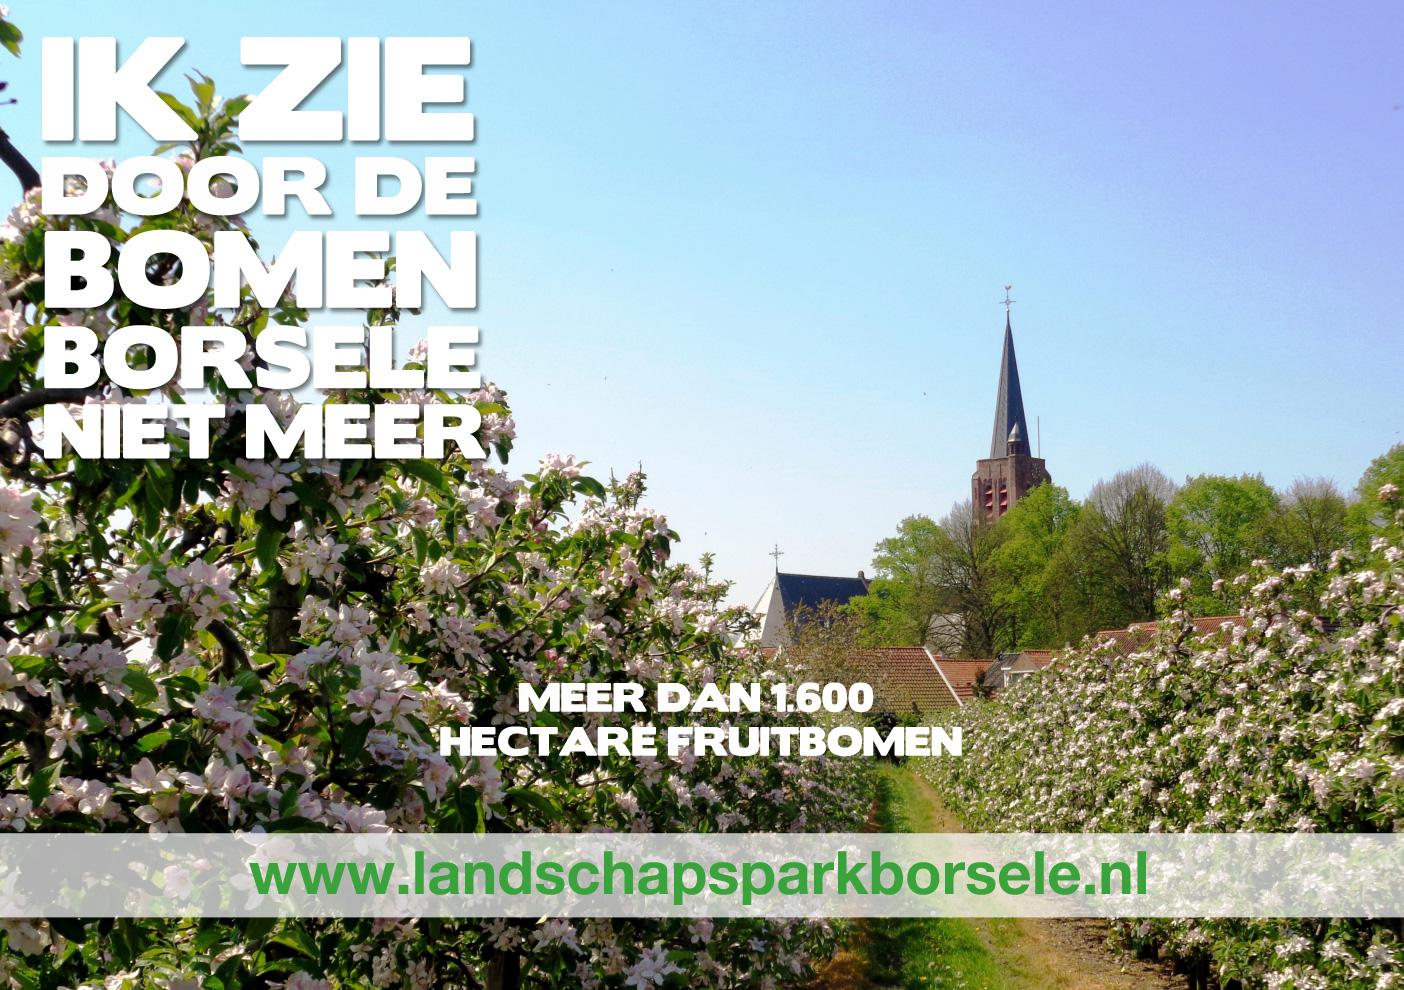 Stef Traas - Bevrijdingsmuseum Zeeland